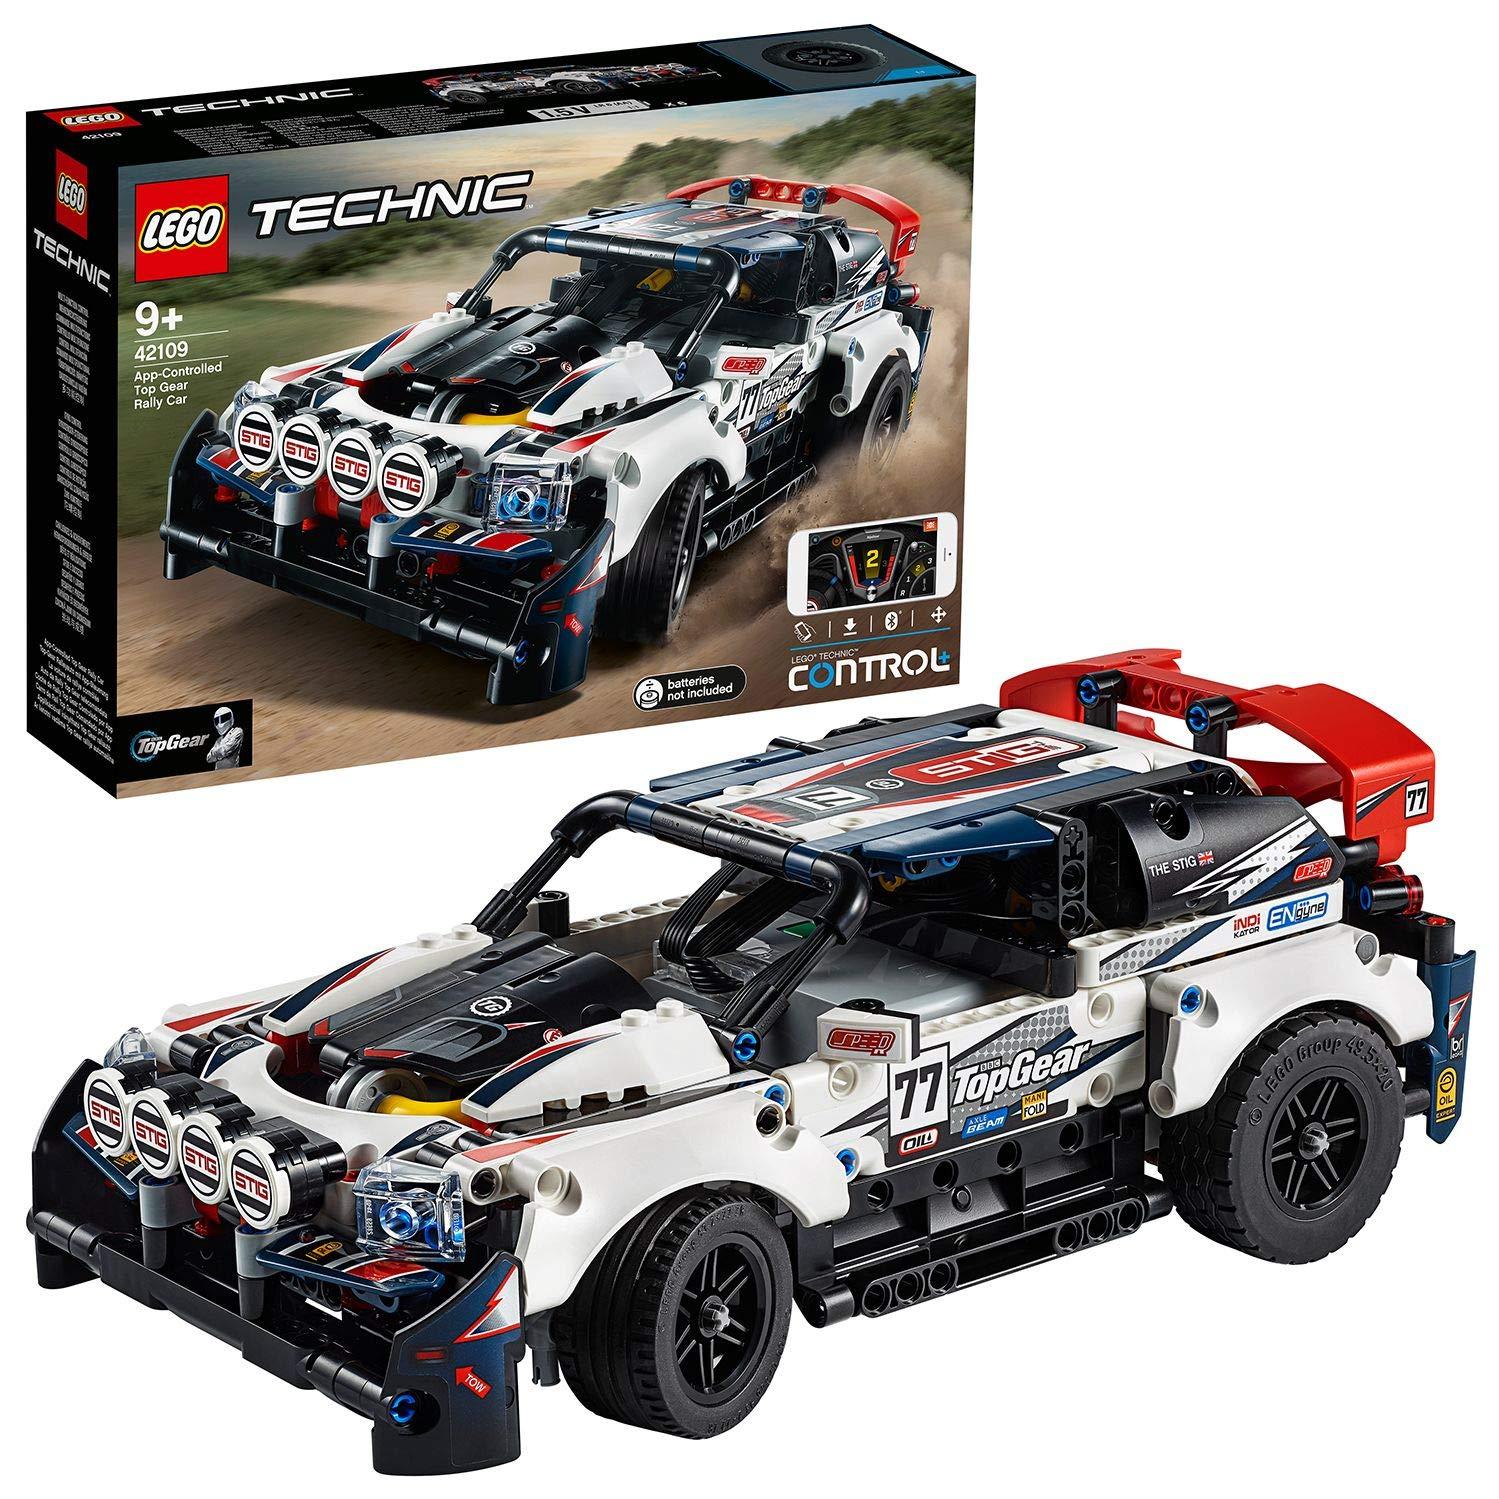 LEGO 42109 AUTO DA RALLY TOP 42109 LEGO S.P.A.